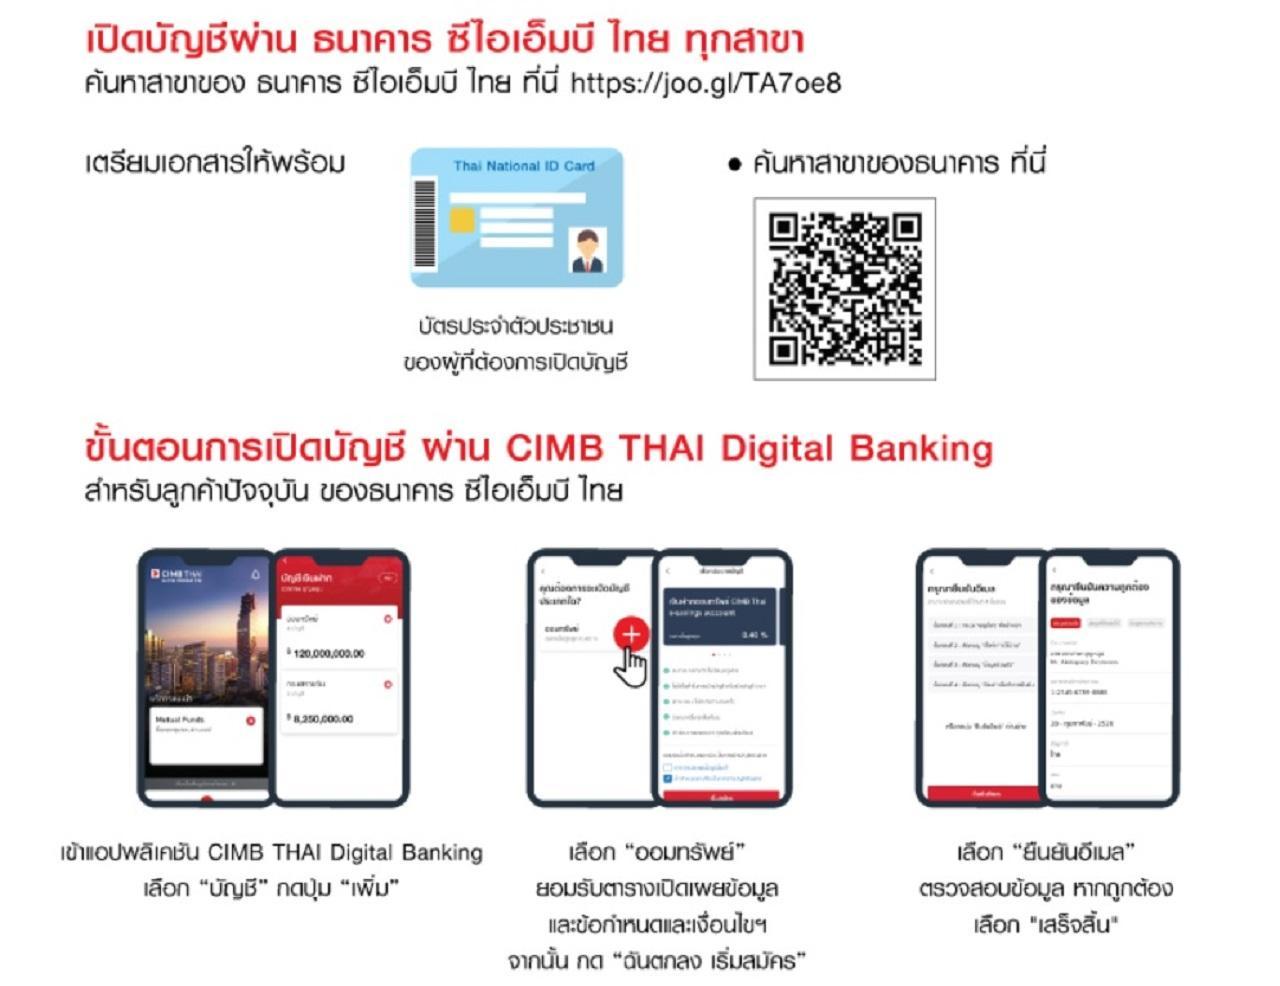 เปิดบัญชีออนไลน์ธนาคาร CIMB THAI